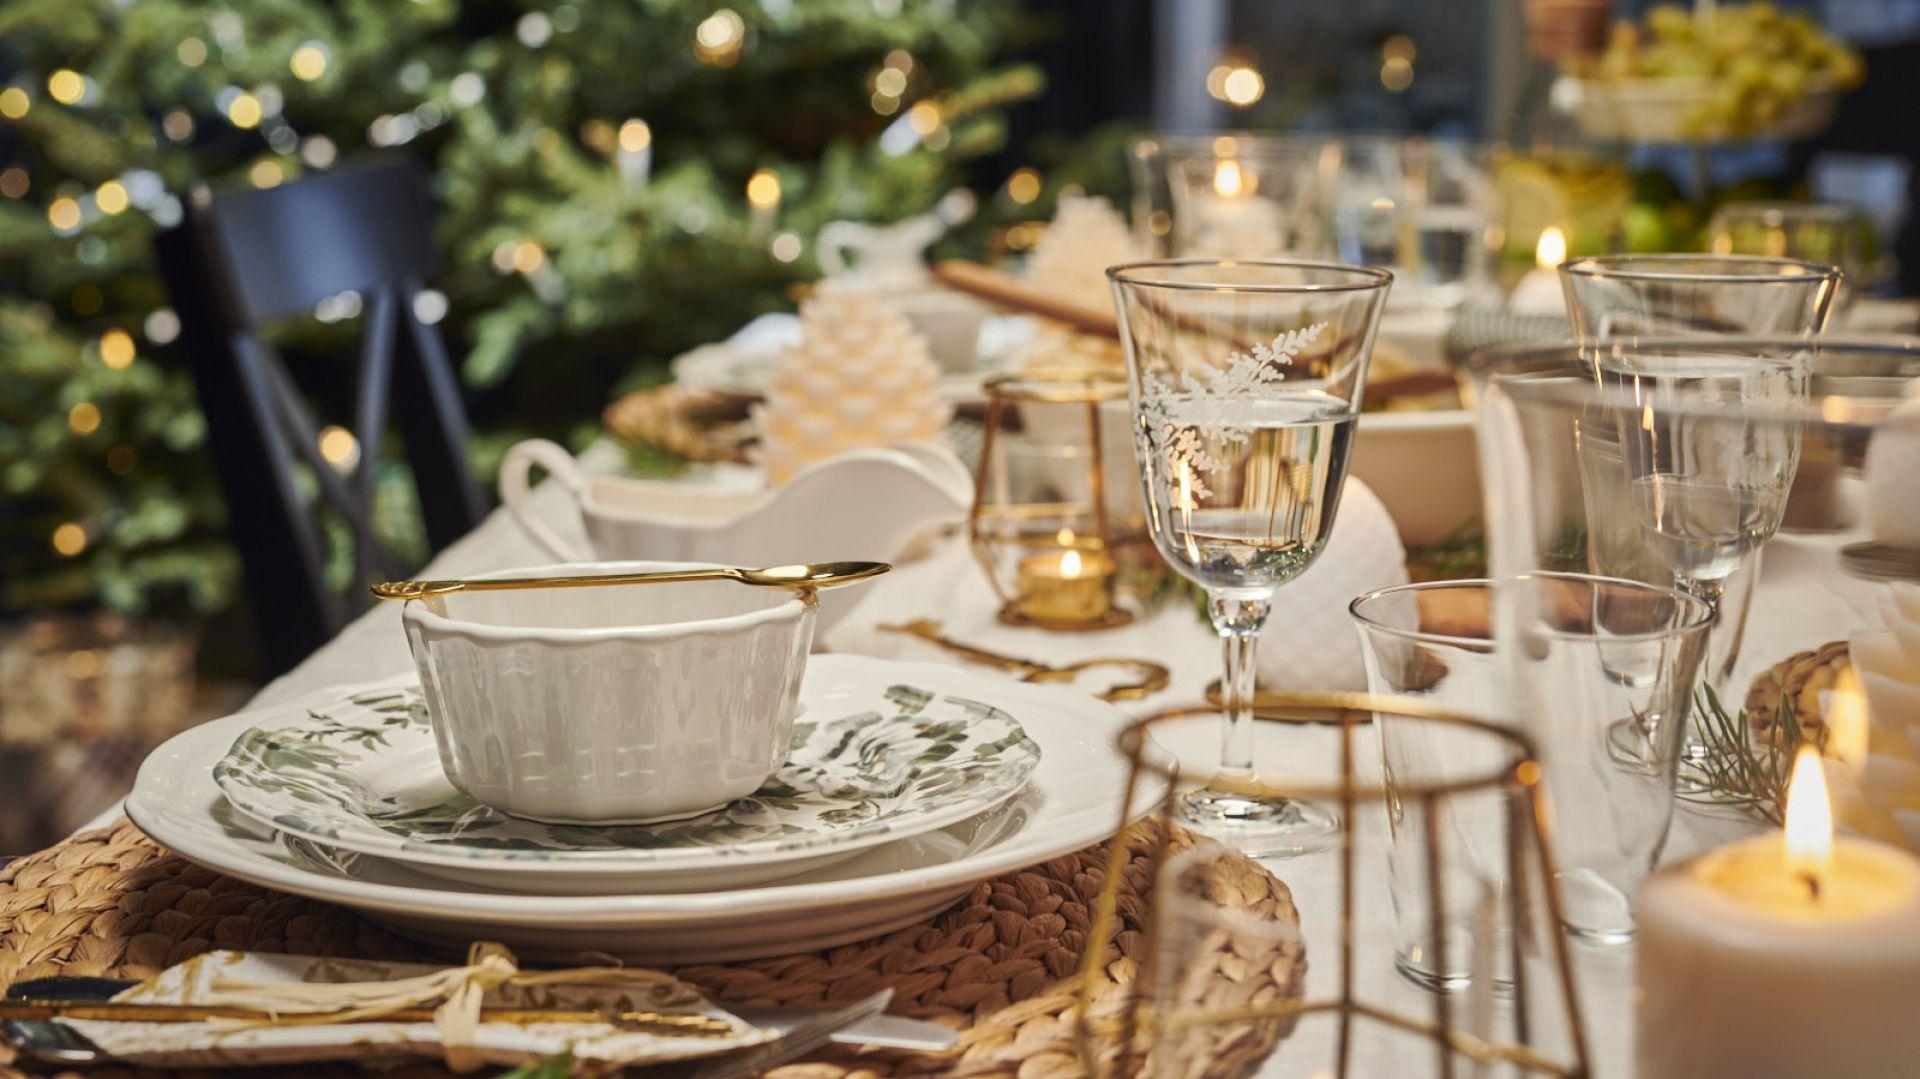 Aranżacja jadalni - magiczna oprawa stołu na święta - Nowoczesny pałacowy szyk. Fot. IKEA